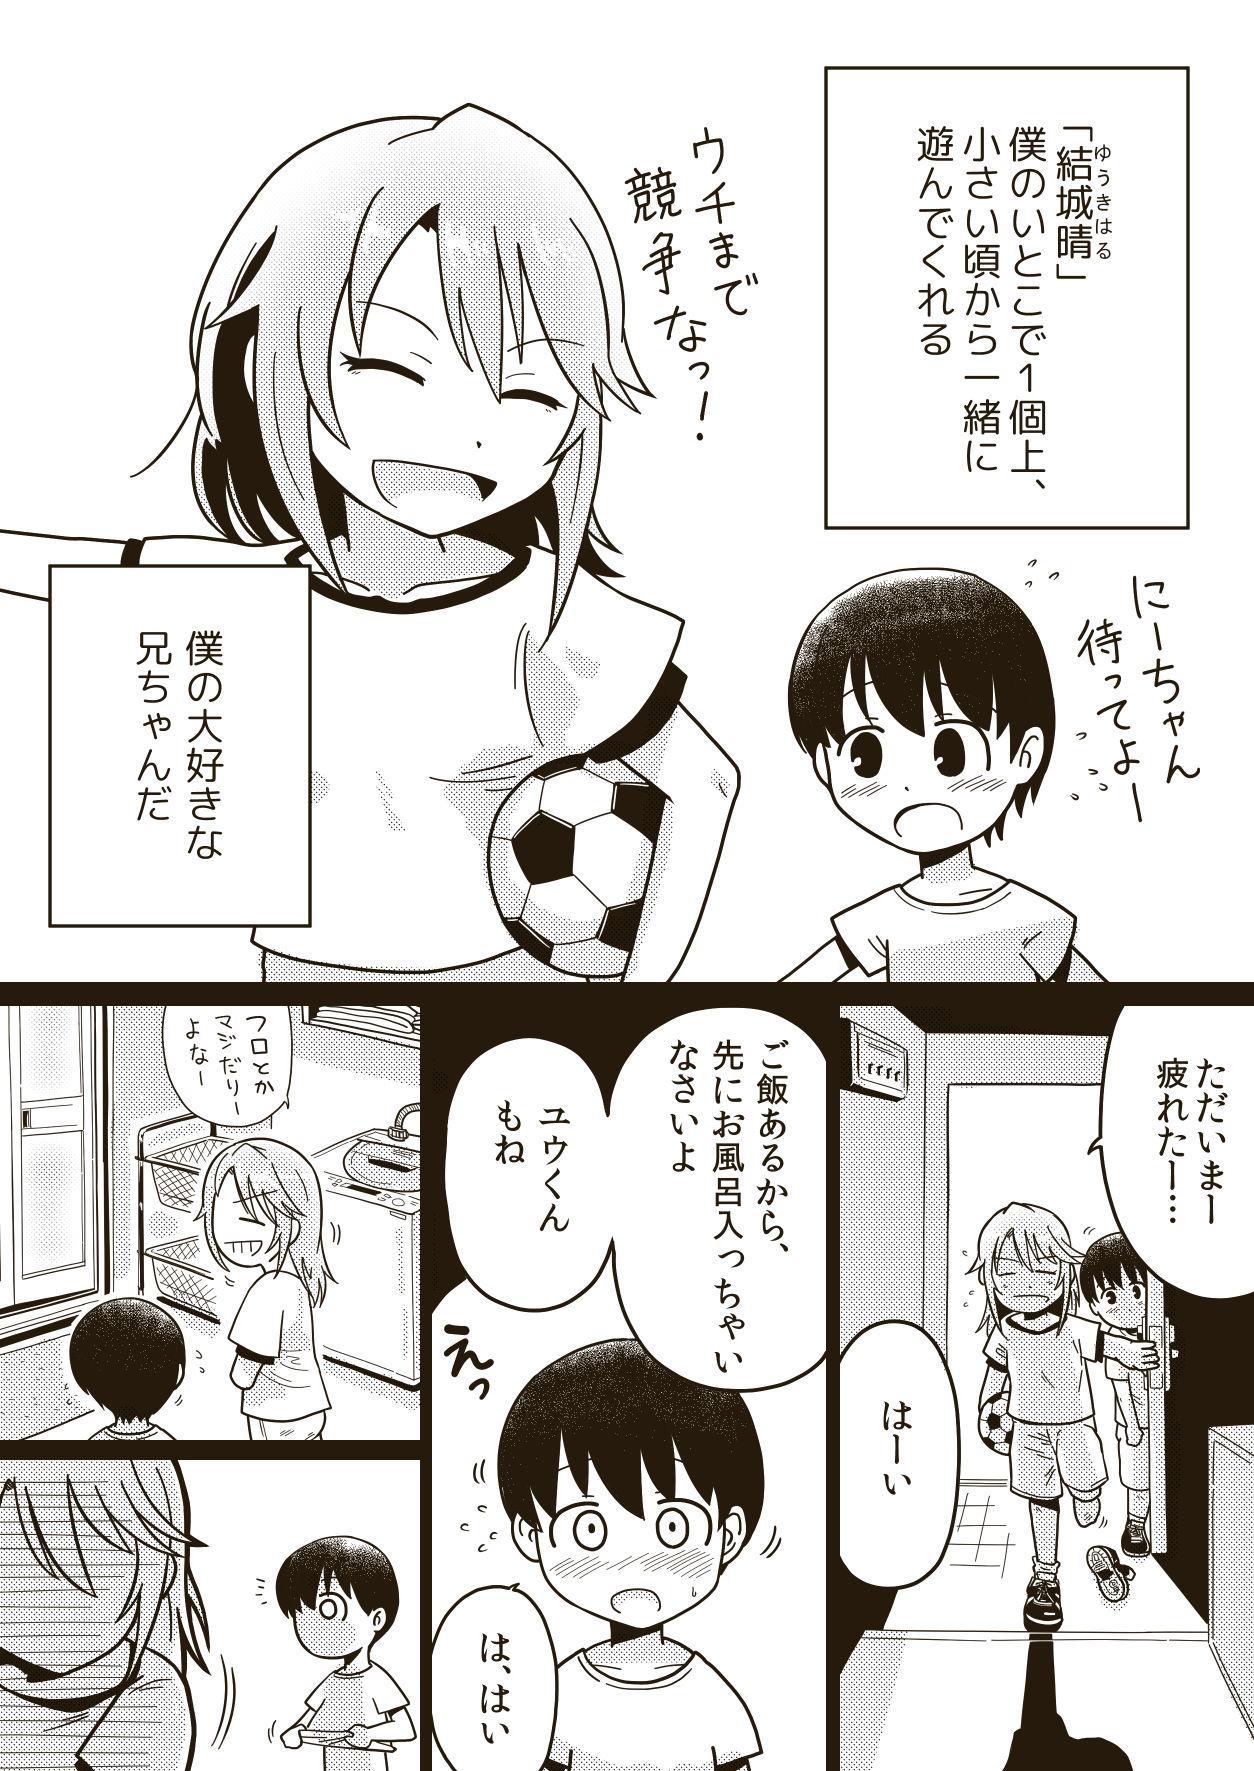 Boku no Onee-chan 1